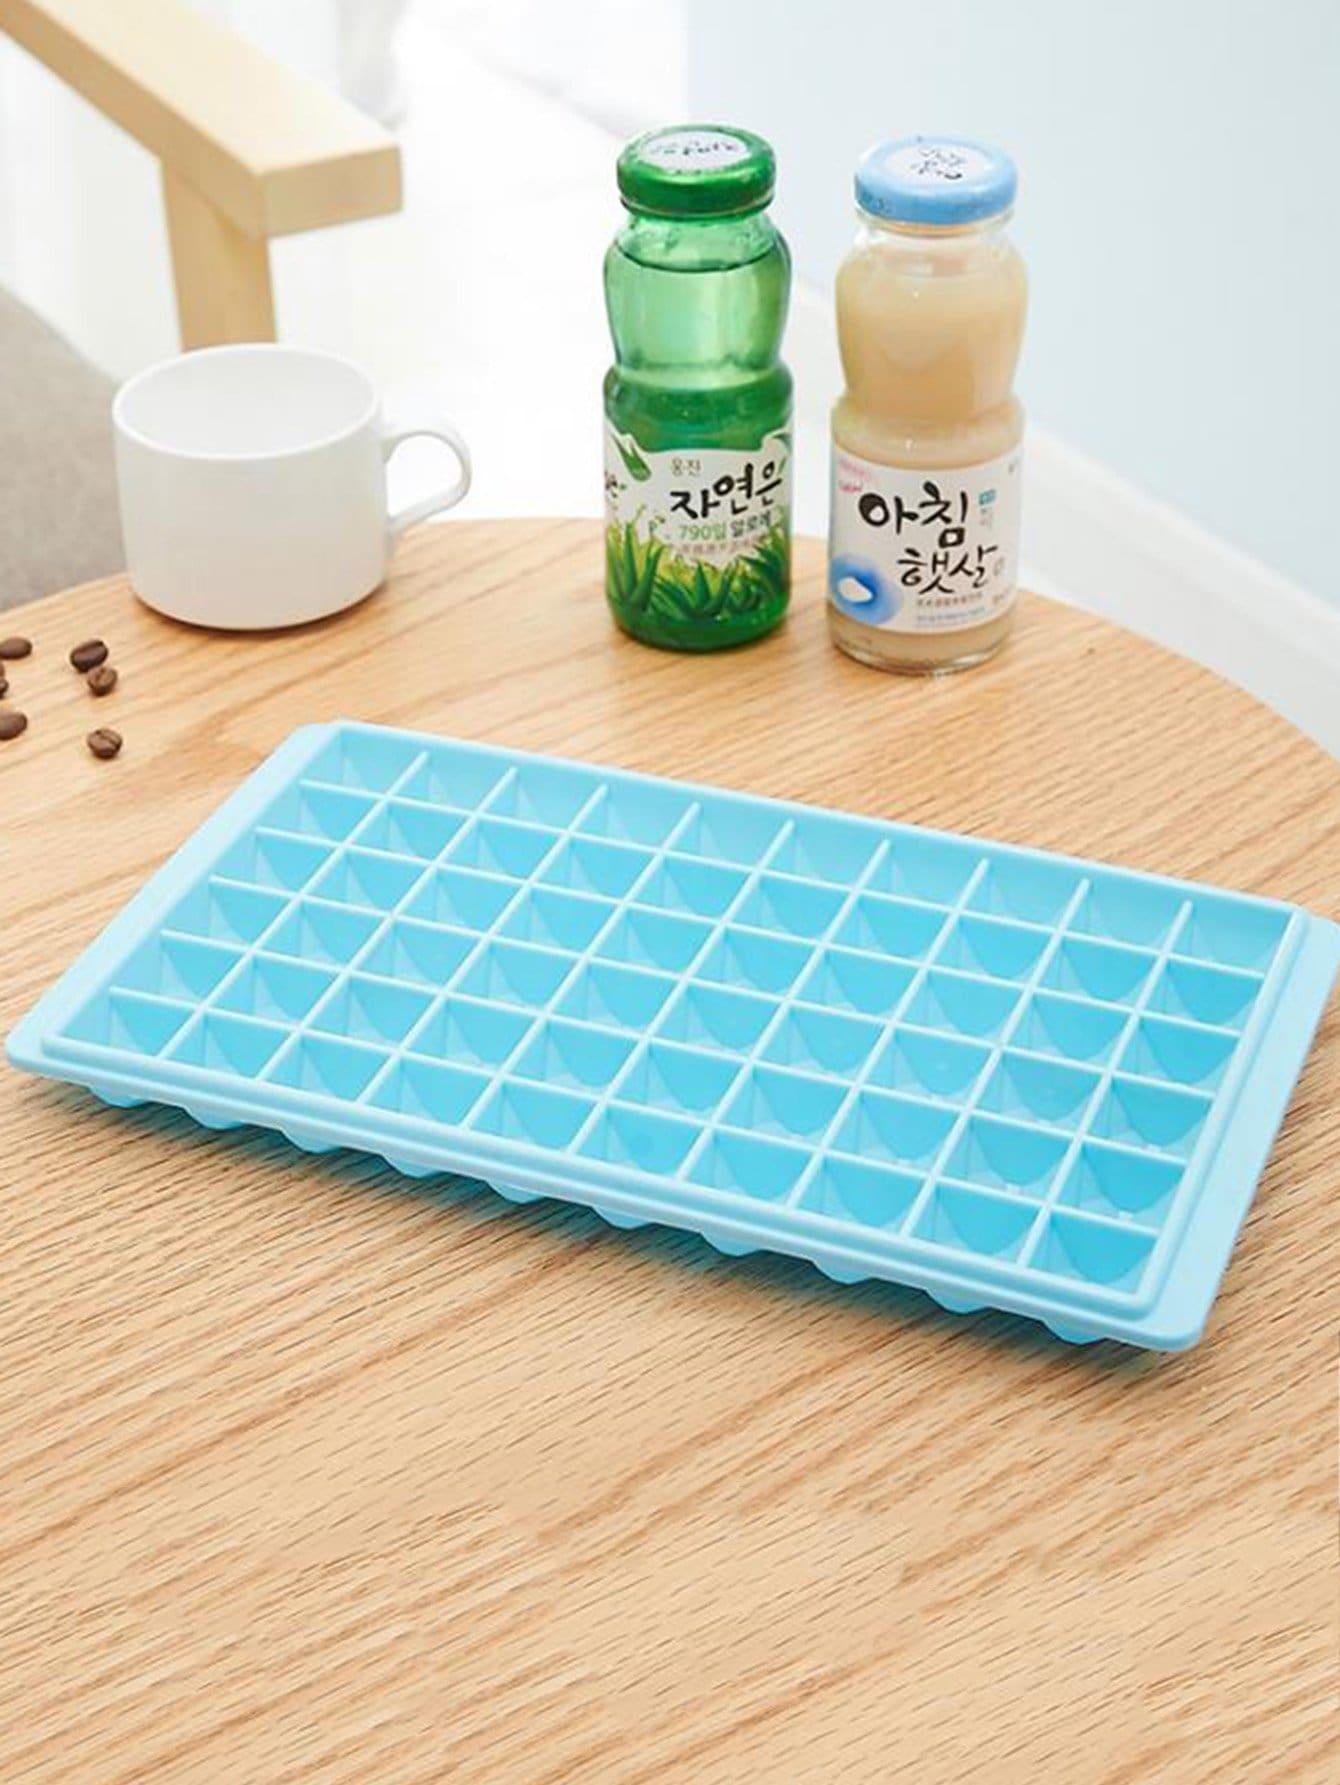 60 Lattice Ice Mold lattice ice mold